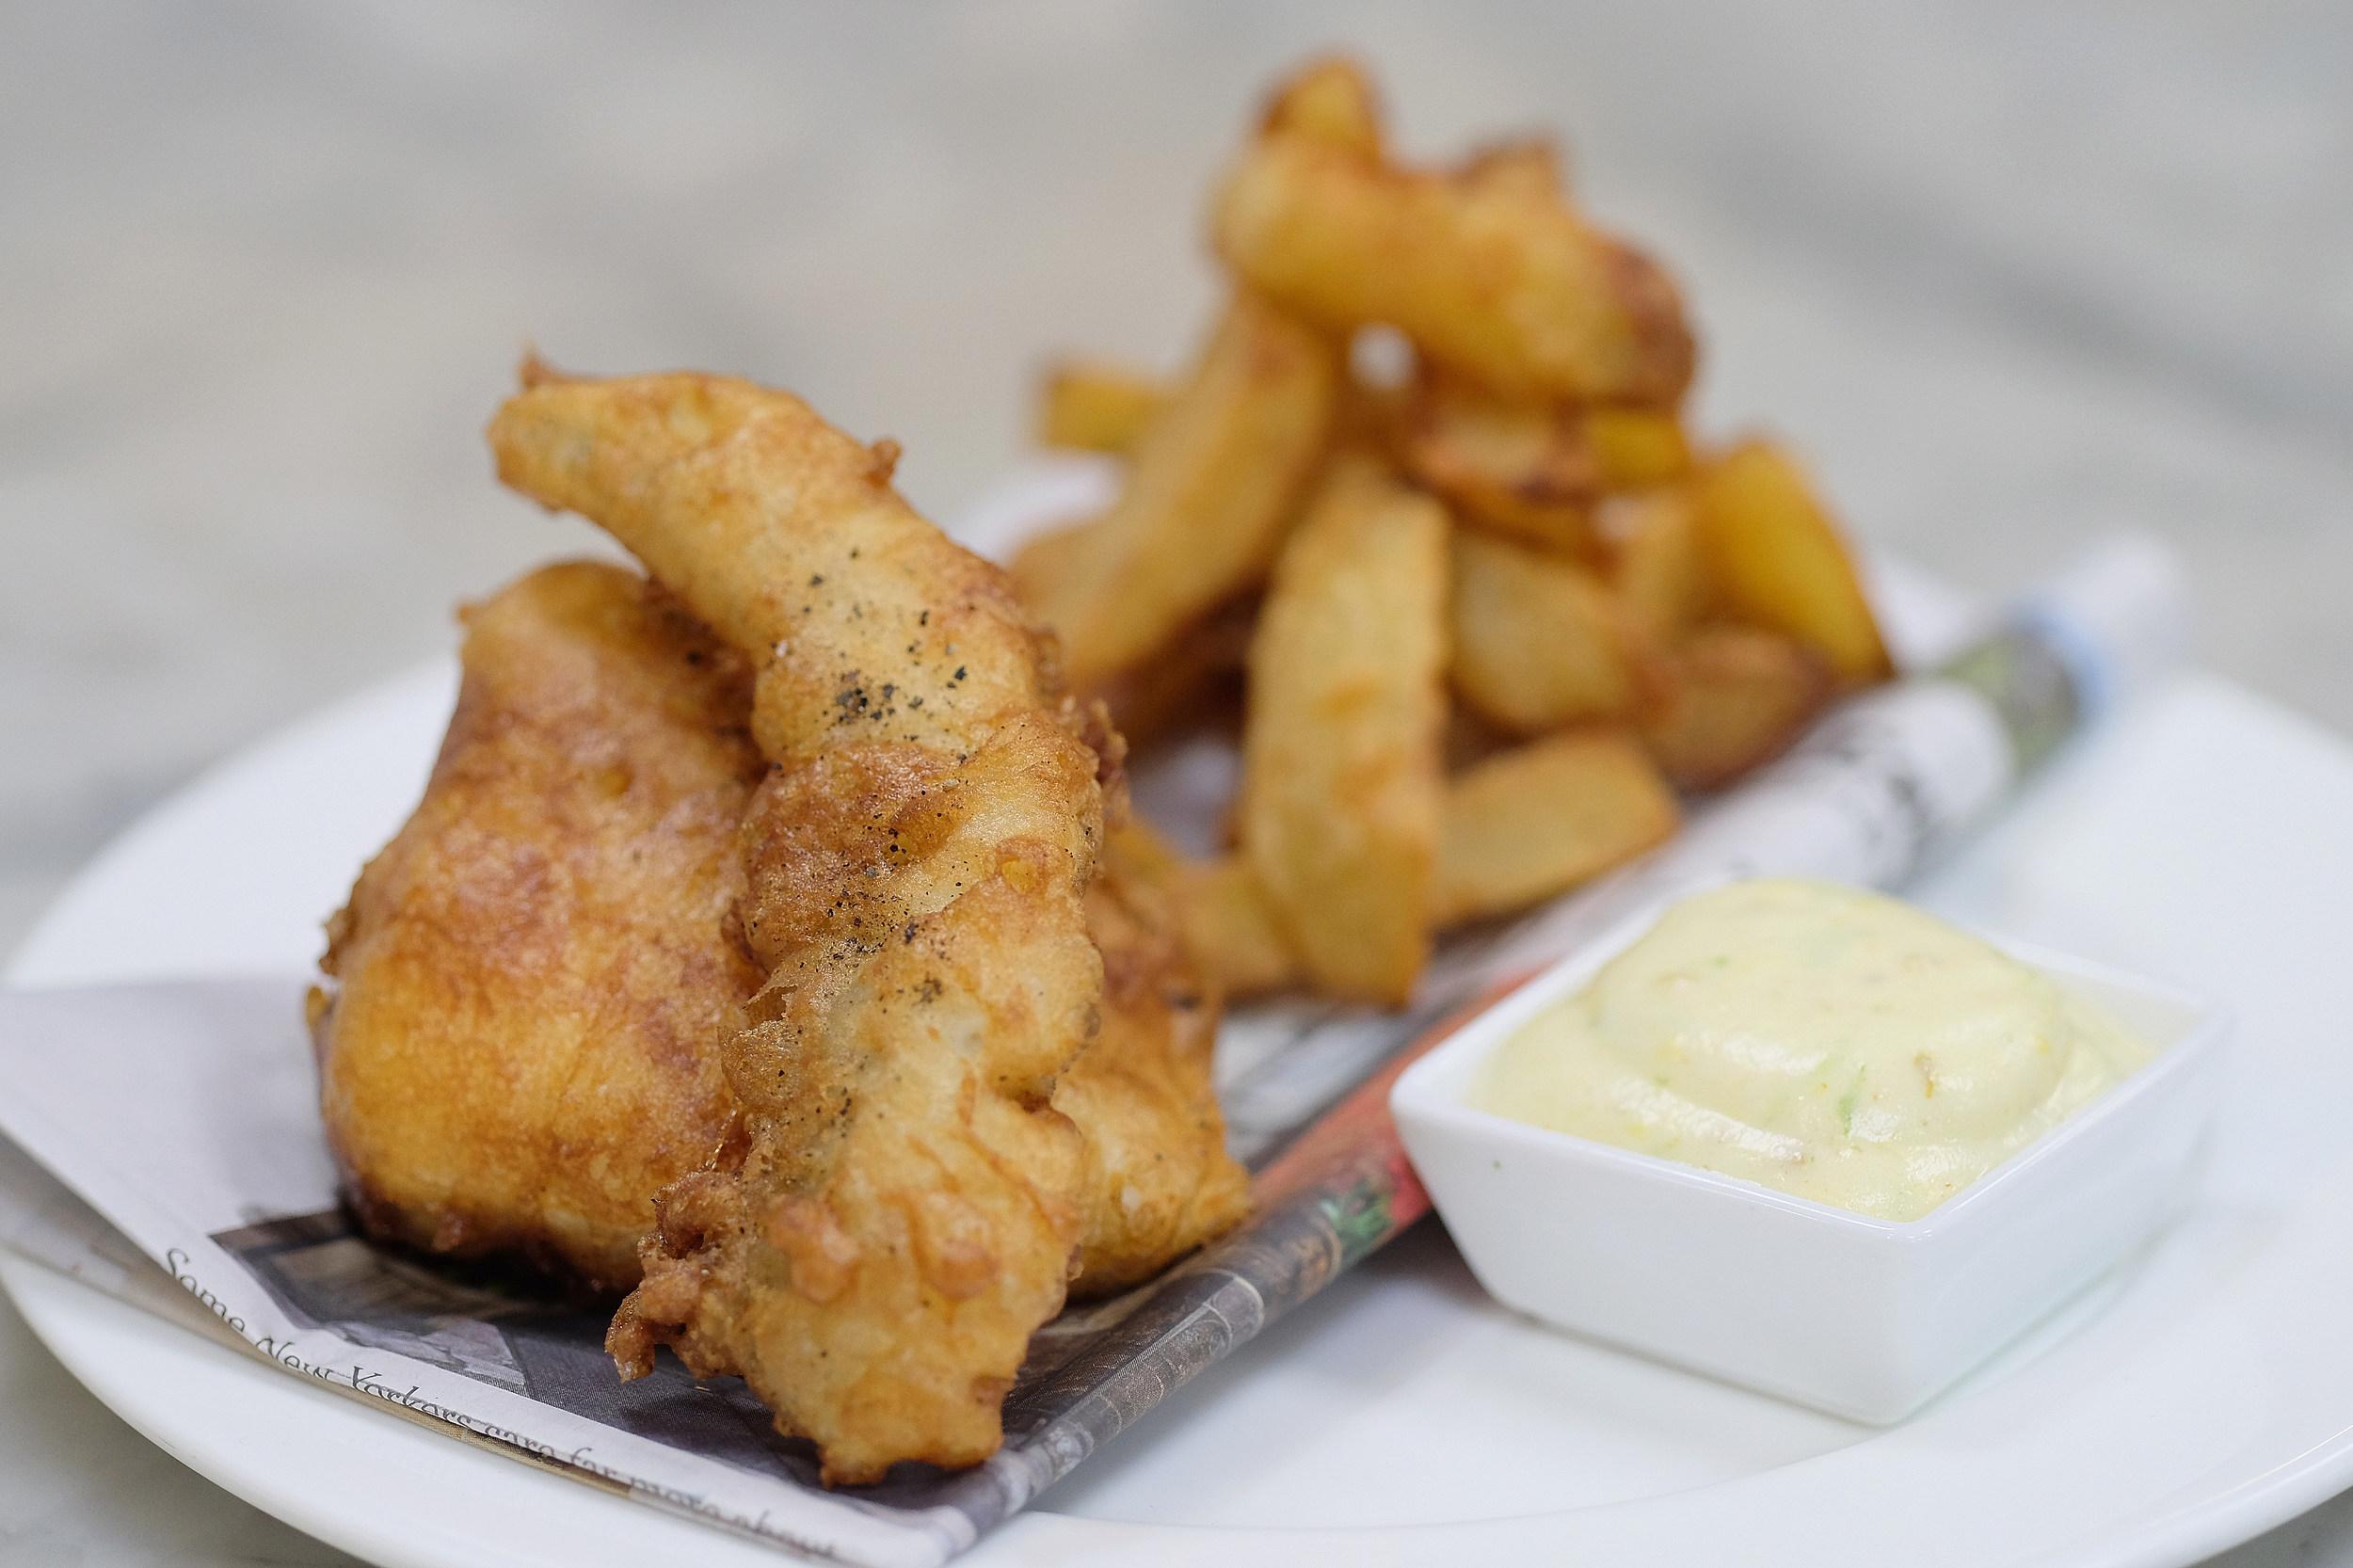 rockford fish fry spots